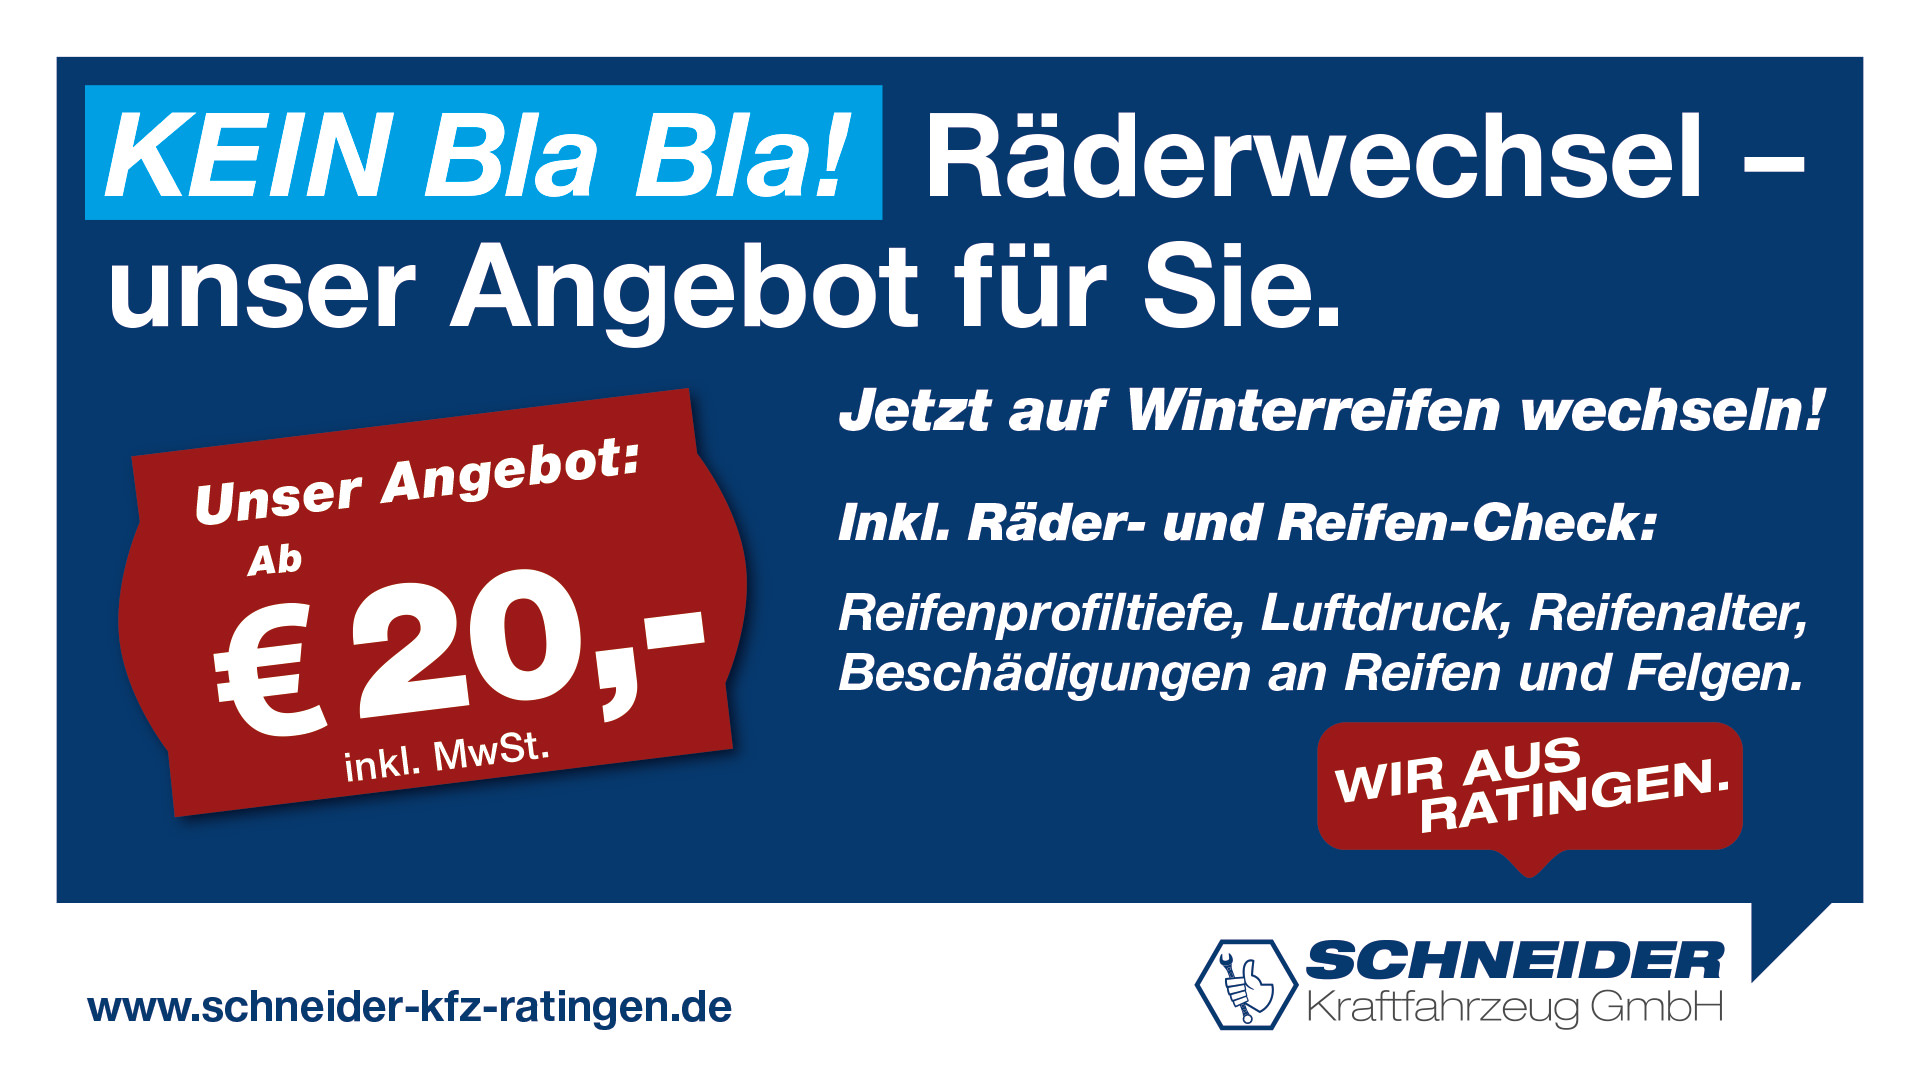 Schneider Kfz GmbH – Räderwechsel - Winterreifen ab 20 Euro